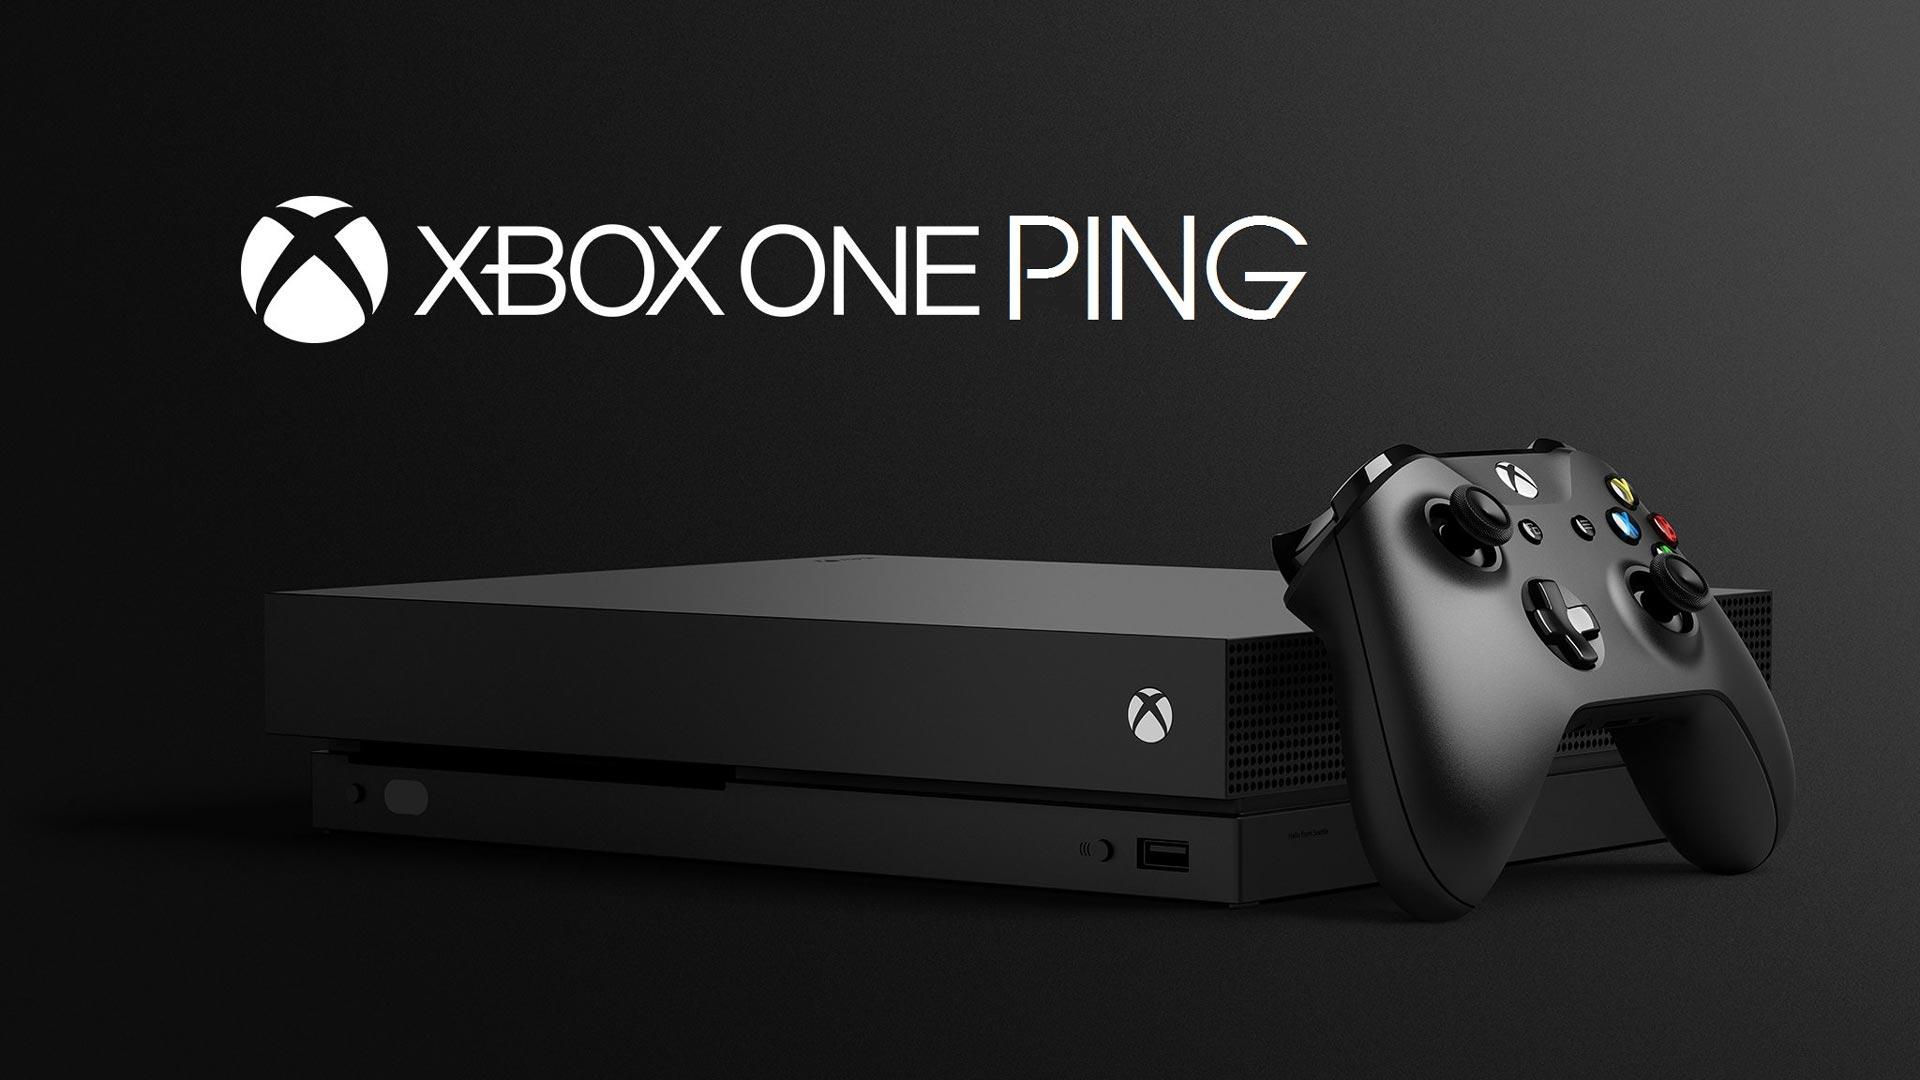 کاربردی ترین روش کاهش پینگ در ایکس باکس وان (Xbox one Ping)